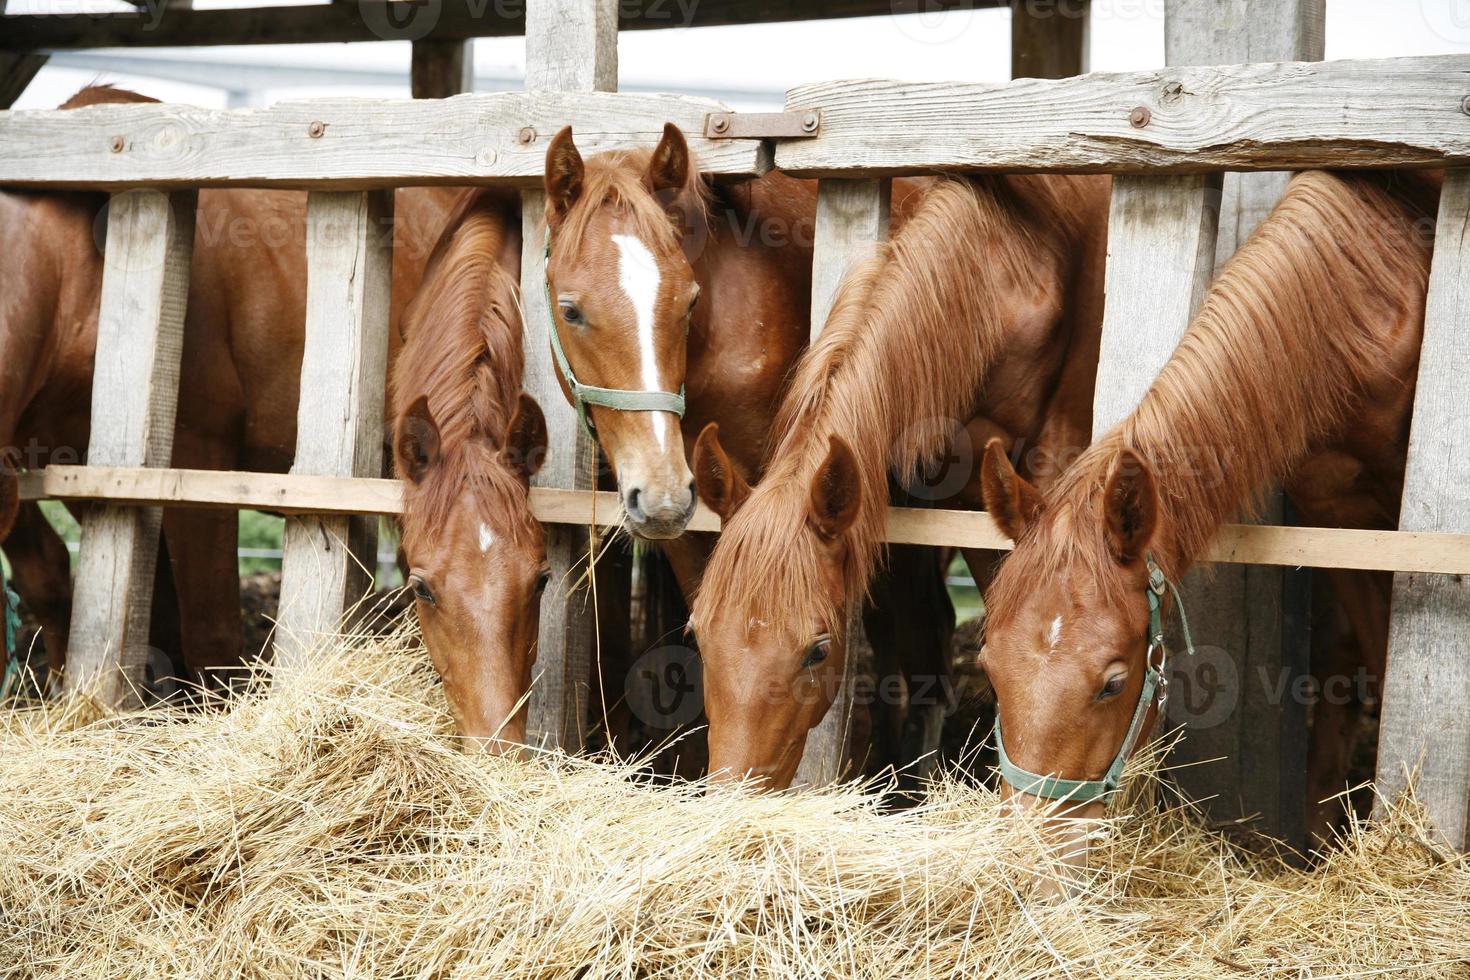 hermosos caballos jóvenes compartiendo heno en la granja de caballos foto